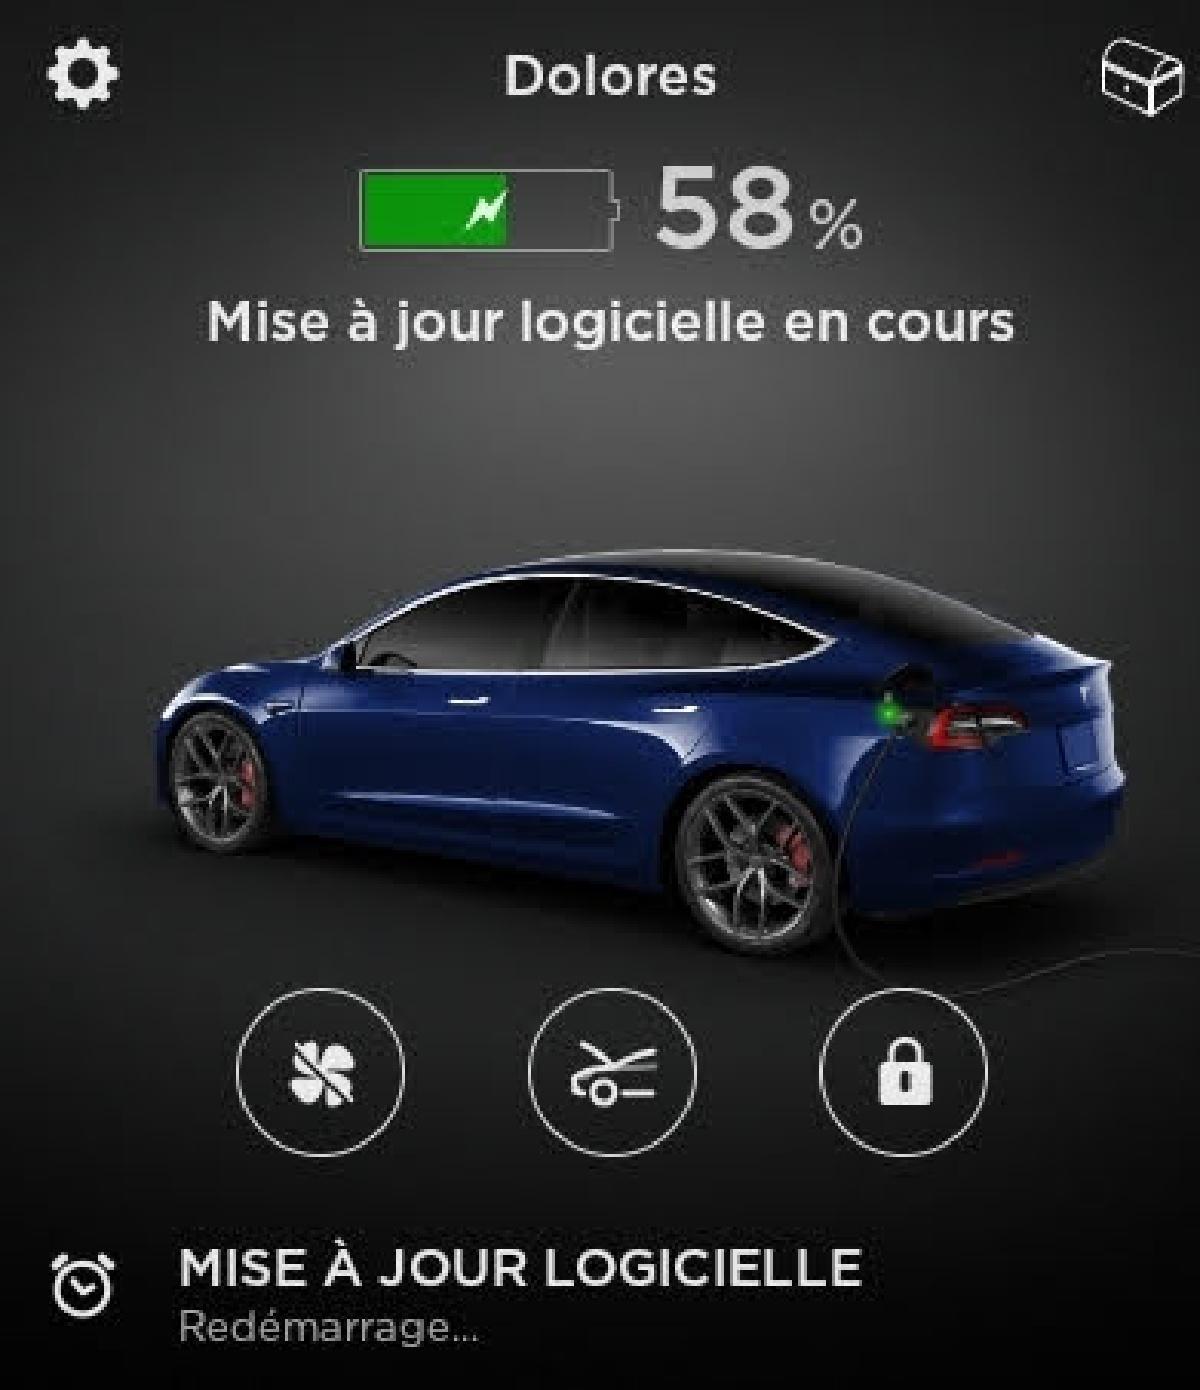 Une mise à jour de la voiture, via l'application Tesla